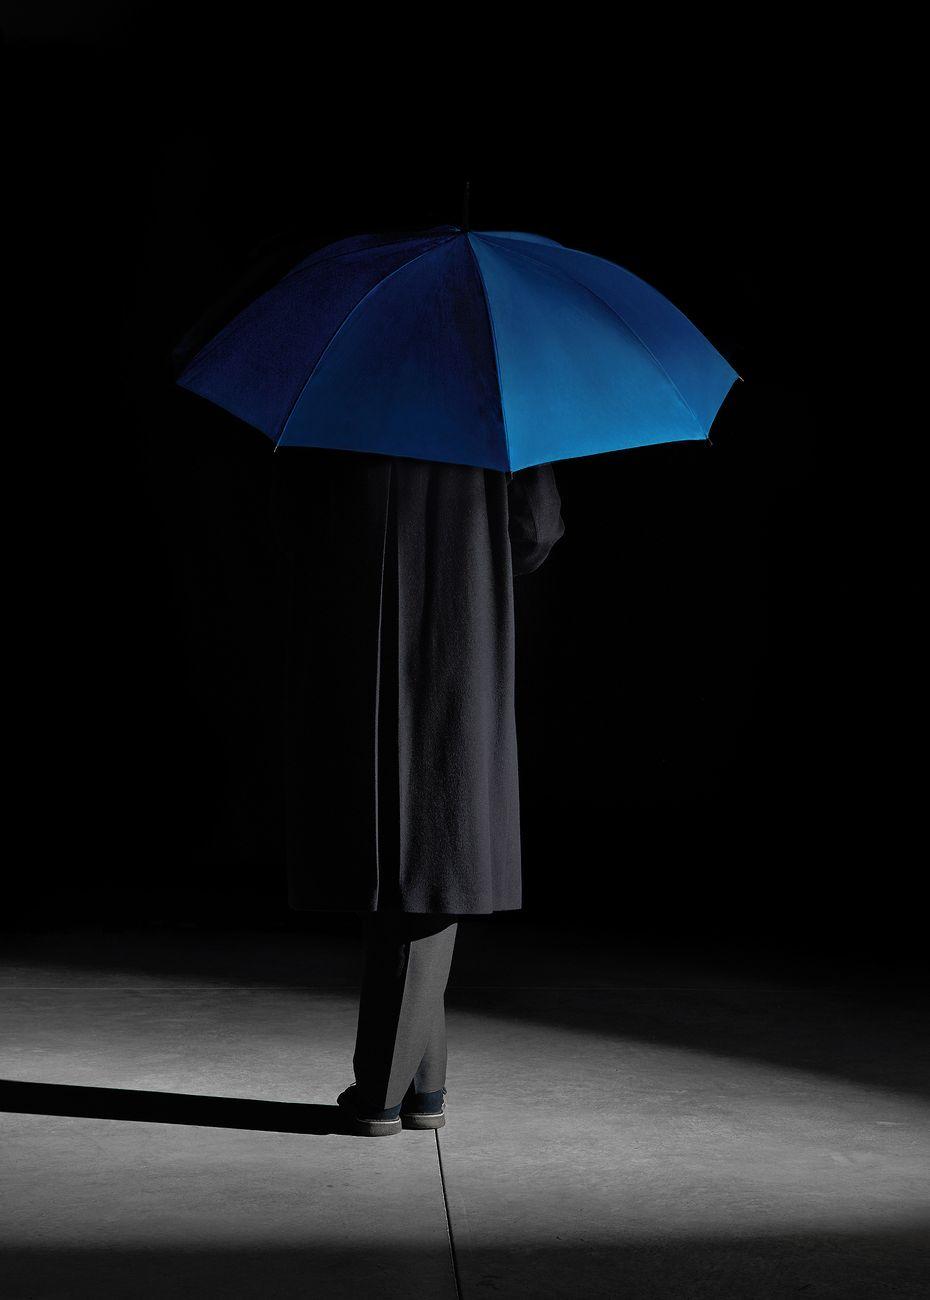 Francesco Gennari: l'arte dell'autorappresentazione, in senso fisico ed emotivo